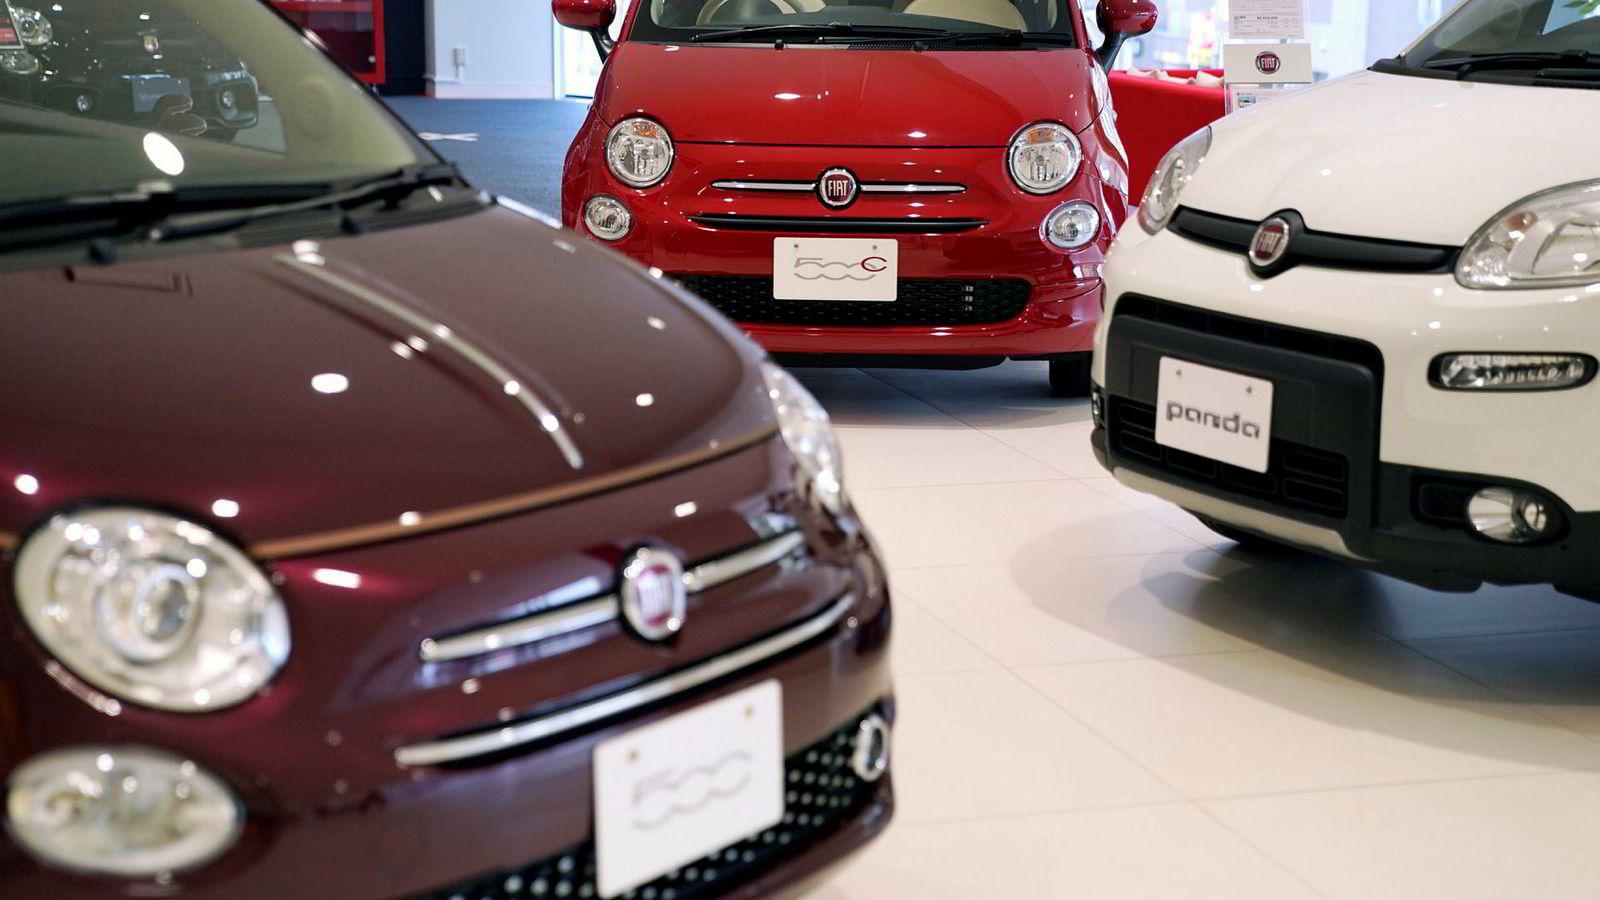 Fiat Chrysler og Renault vil sannsynligvis starte formelle fusjonsforhandlinger på mandag. Produsenten av lille og populære Fiat 500 og Panda sikter mot å bli verdens største bilallianse.